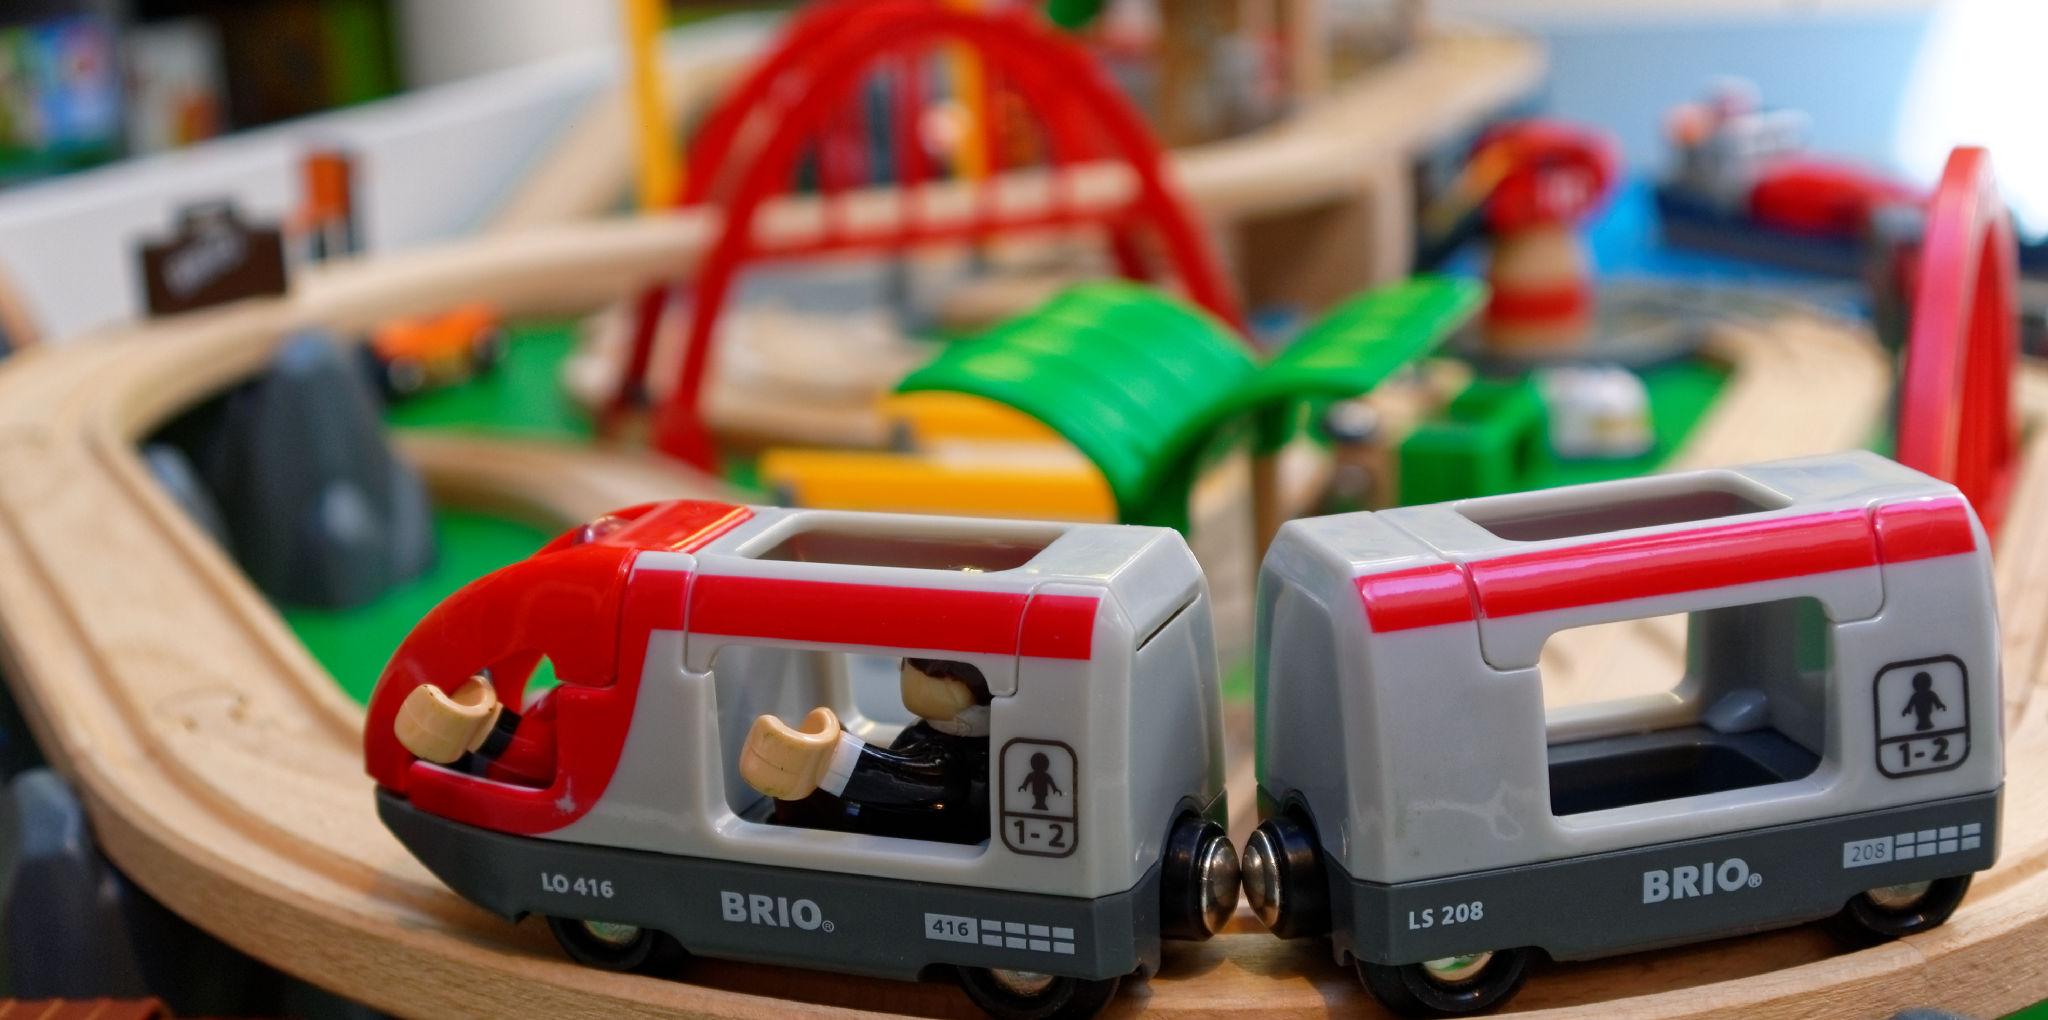 jeux de nim la boutique de jeux et jouets enghien. Black Bedroom Furniture Sets. Home Design Ideas